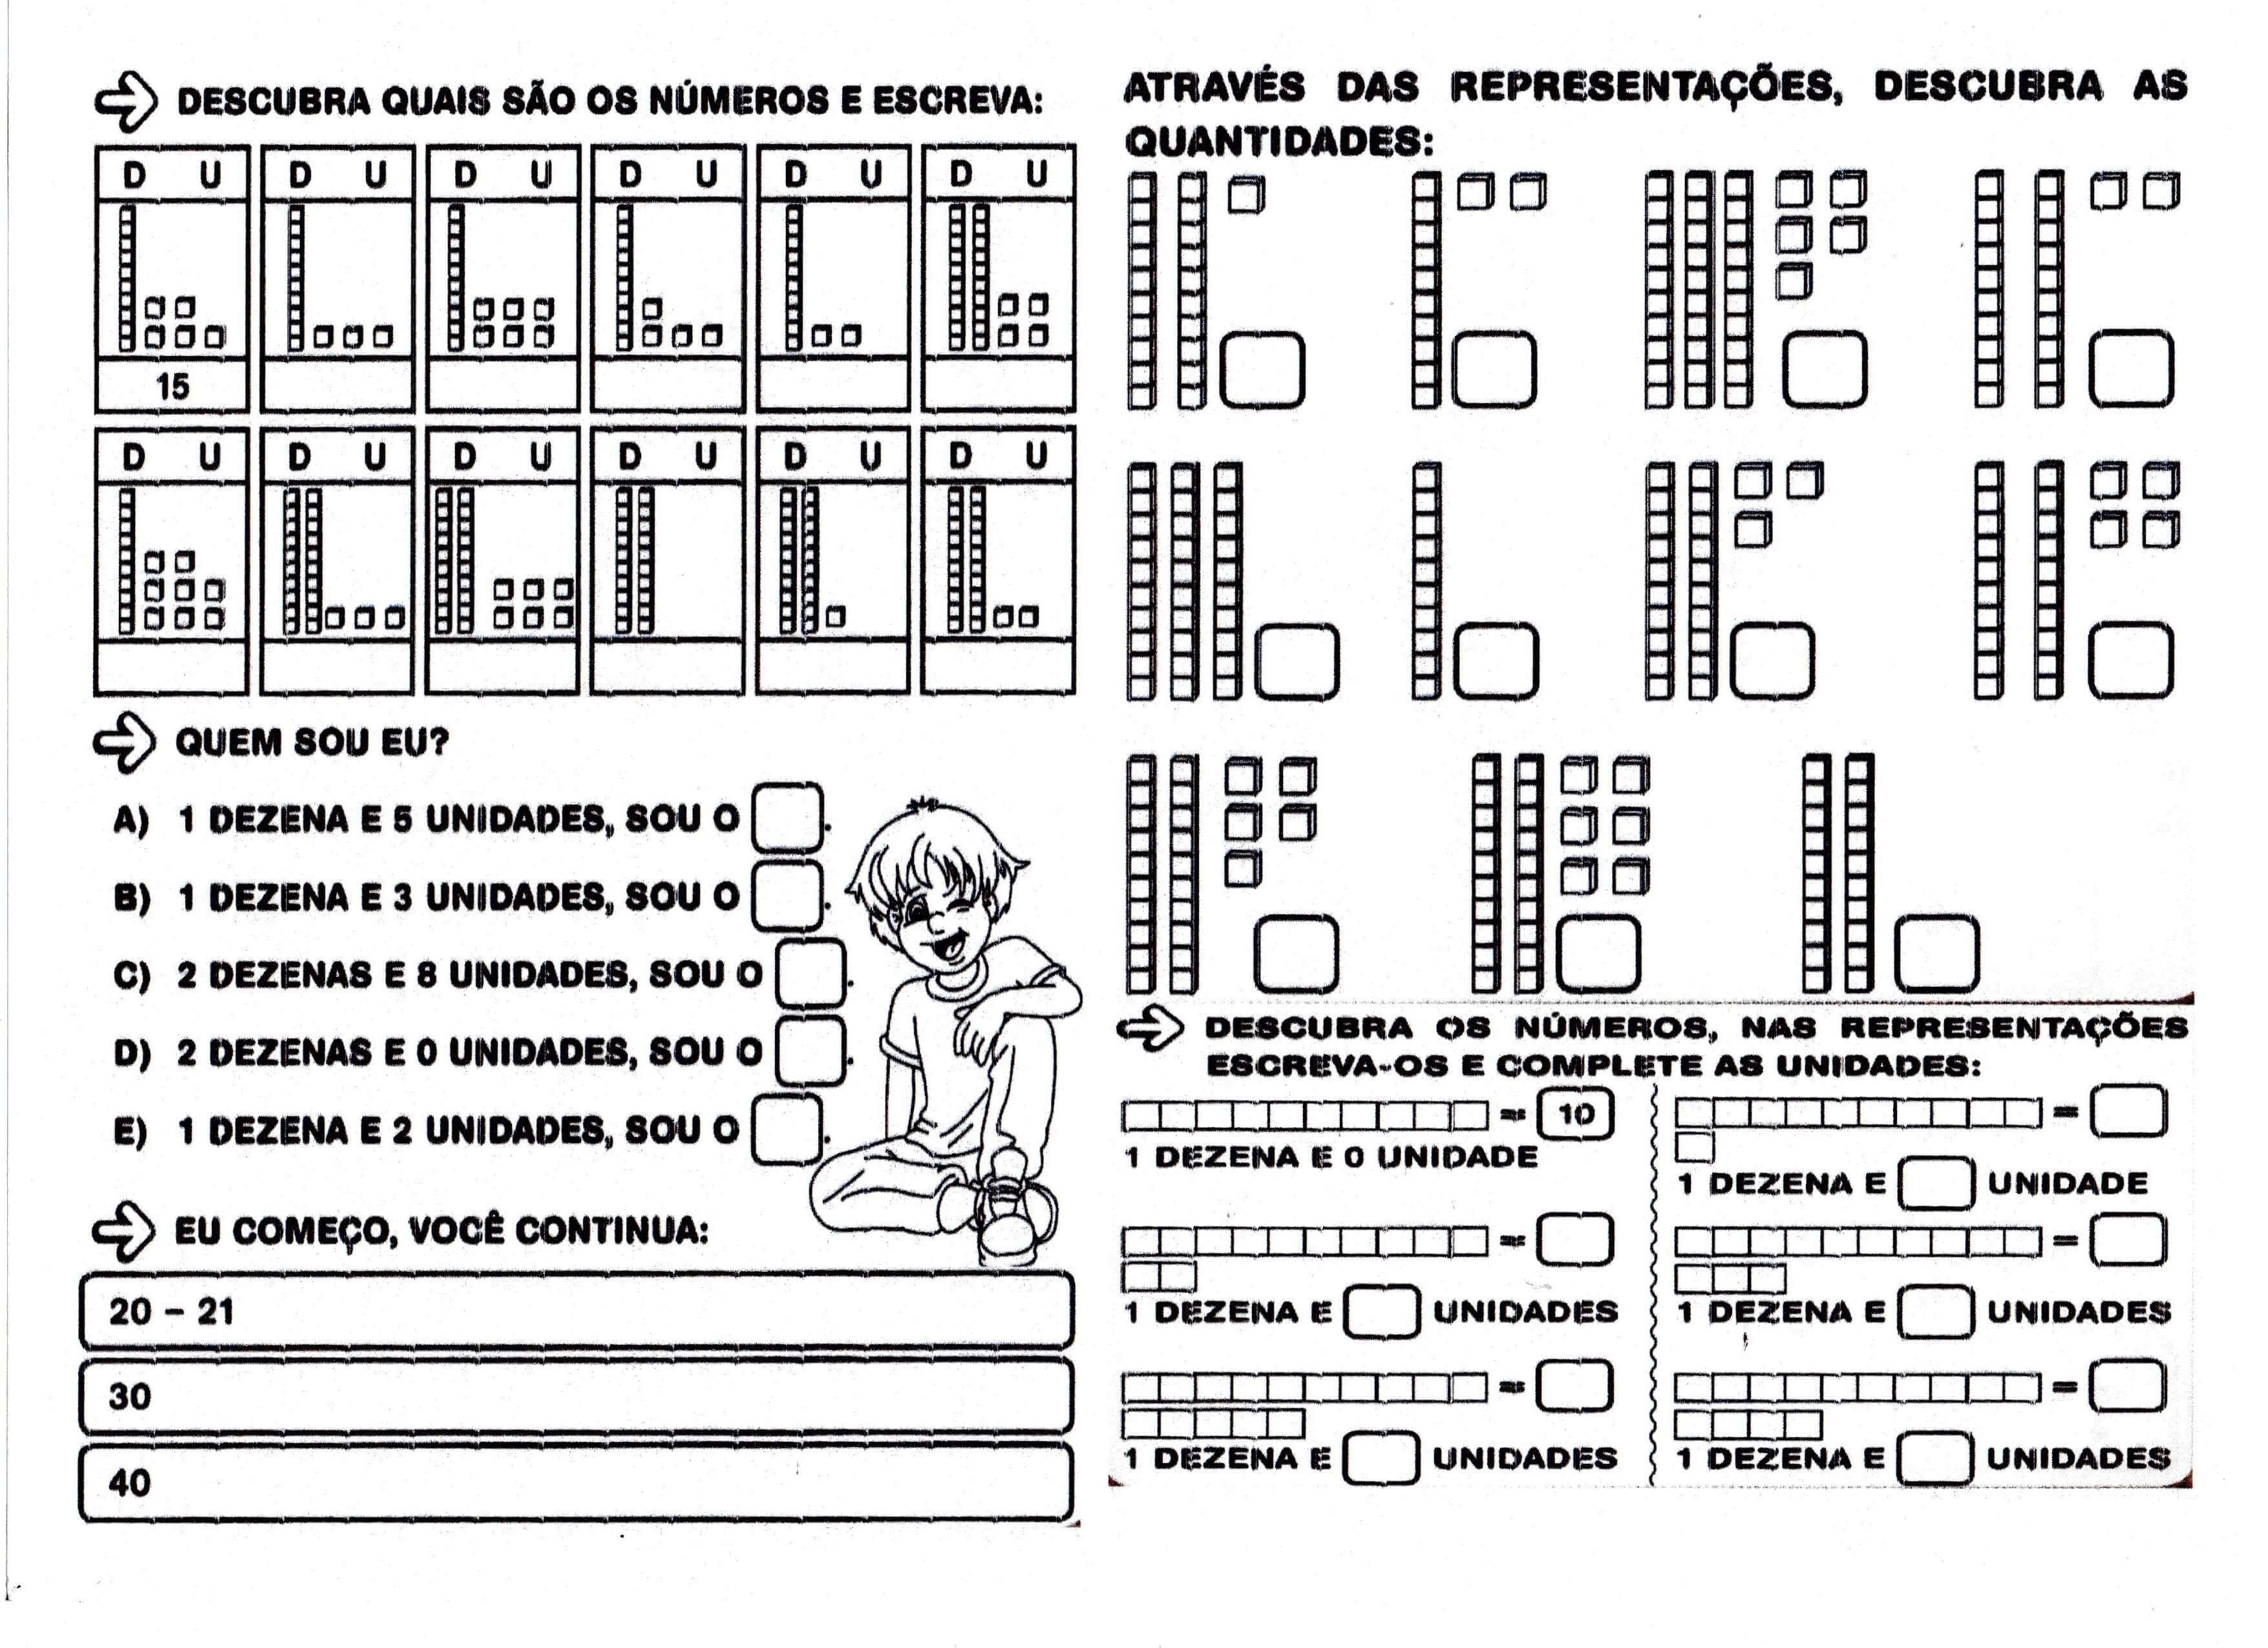 Dezenas e unidades Descobrir nºmeros e representa§µes de quantidades